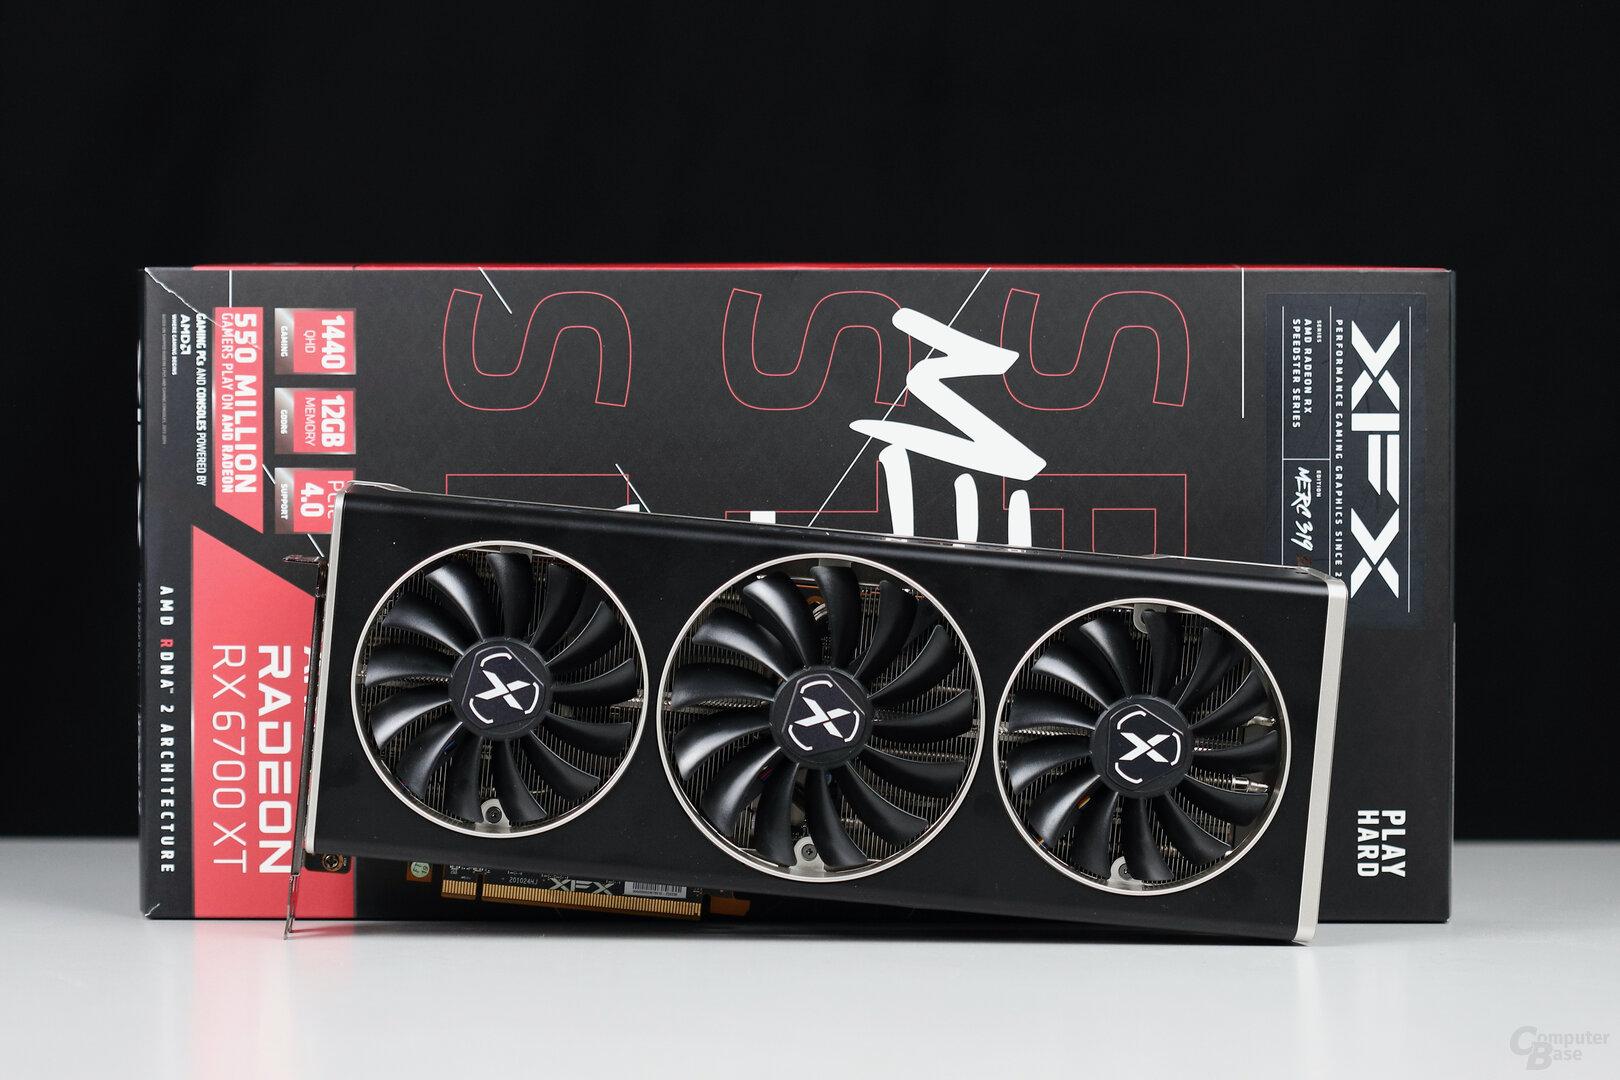 Die XFX Radeon RX 6700 XT Merc 319 im Test